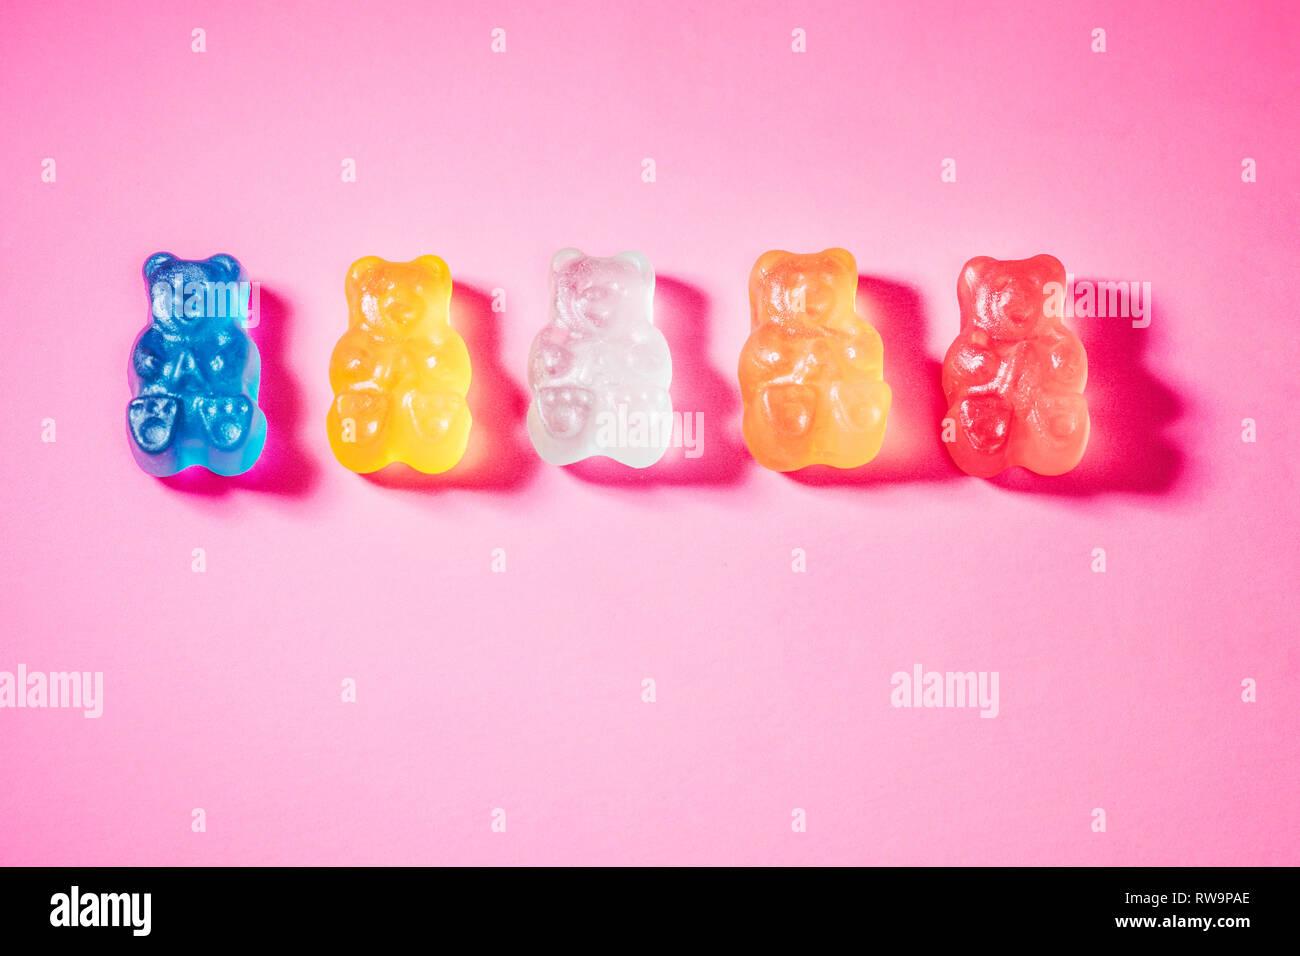 Un close-up de cinq ours gommeux vivement colorées, photographié sur un fond rose avec poppy studio light. Banque D'Images